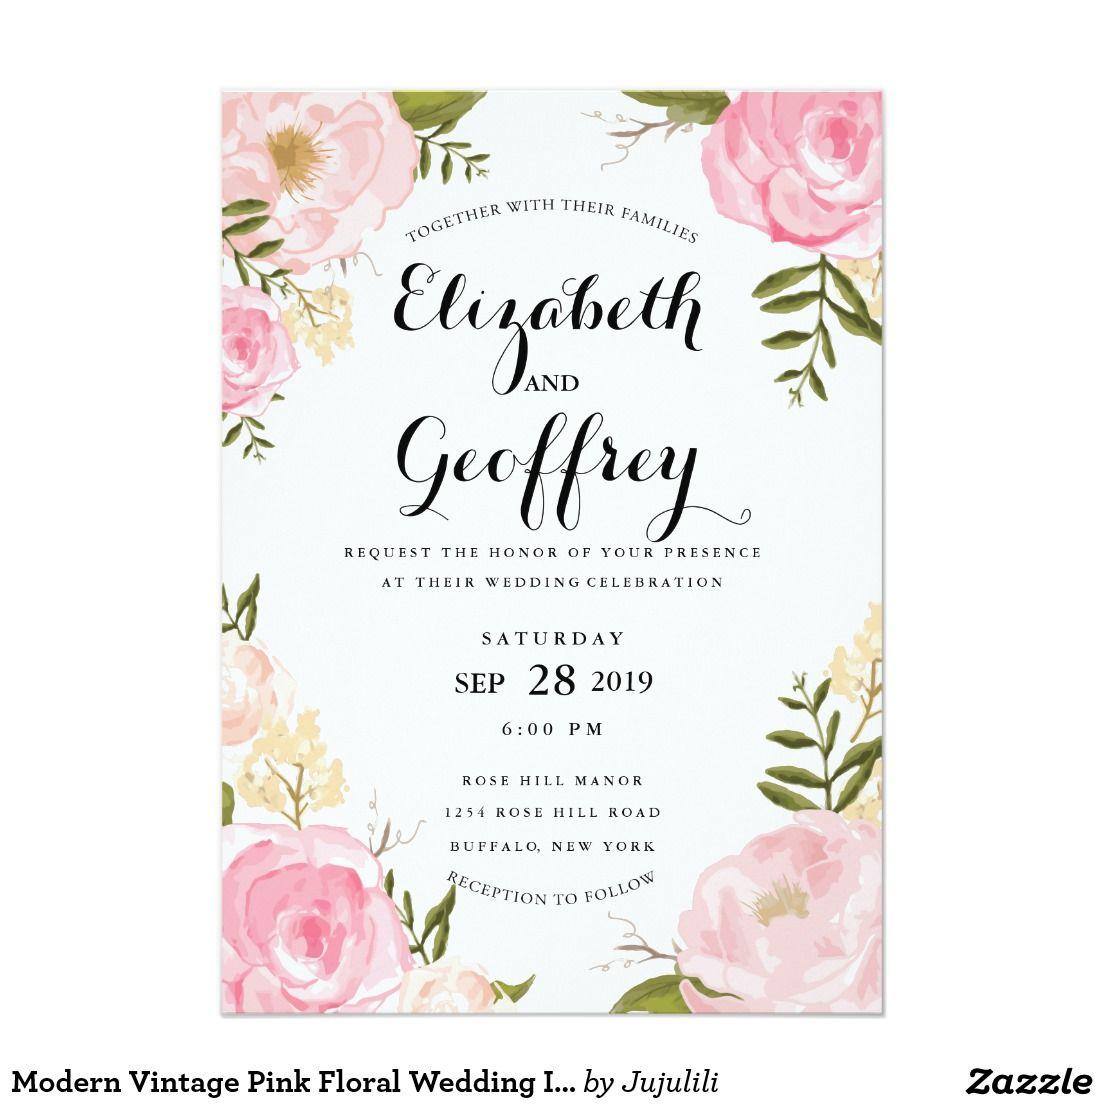 Modern Vintage Pink Floral Wedding Invitation | Floral wedding ...